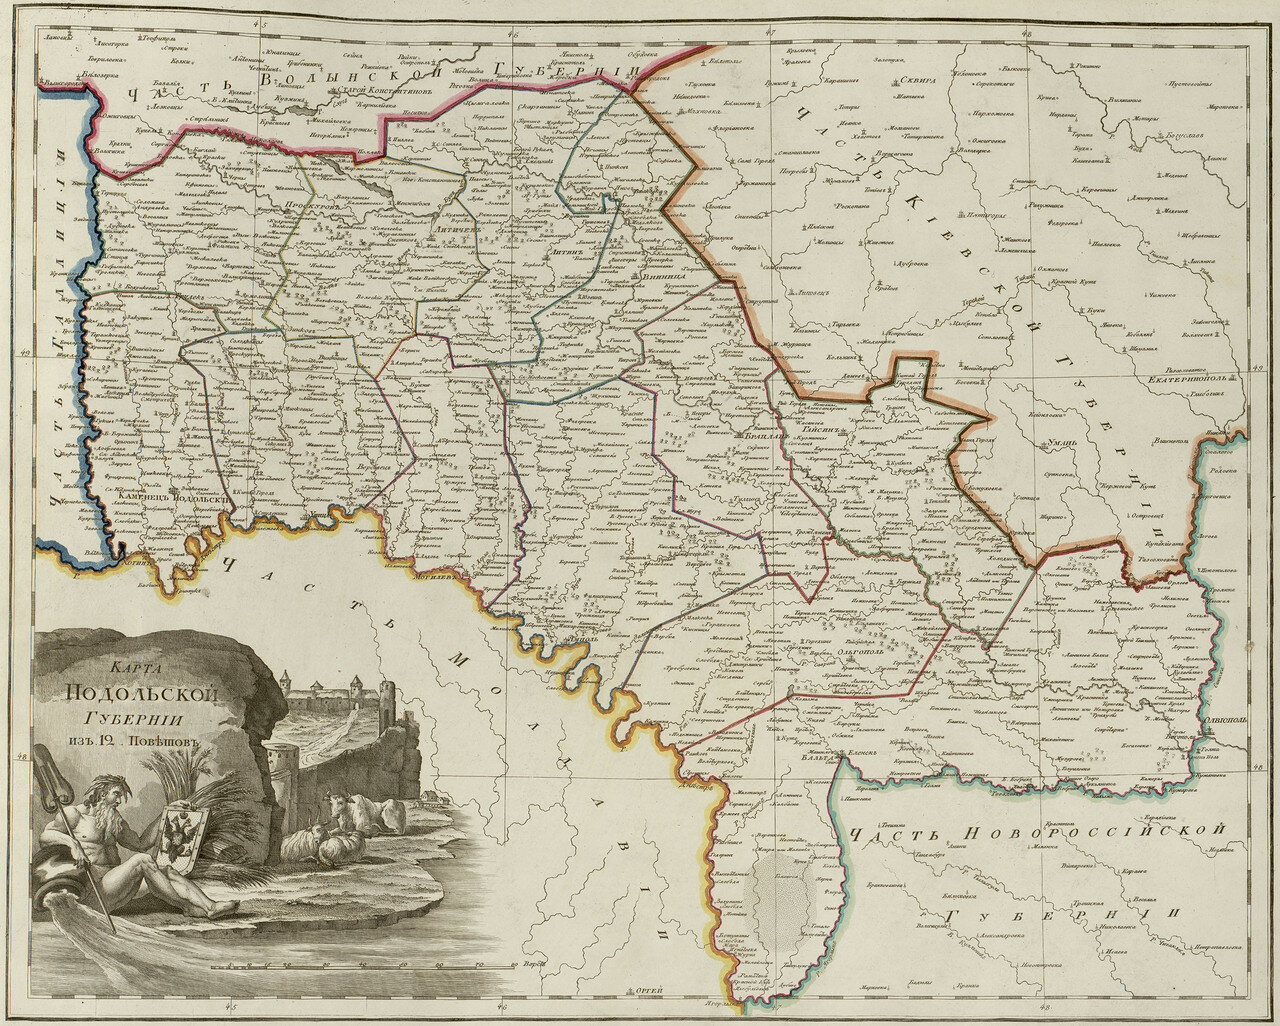 40. Карта Подольской губернии